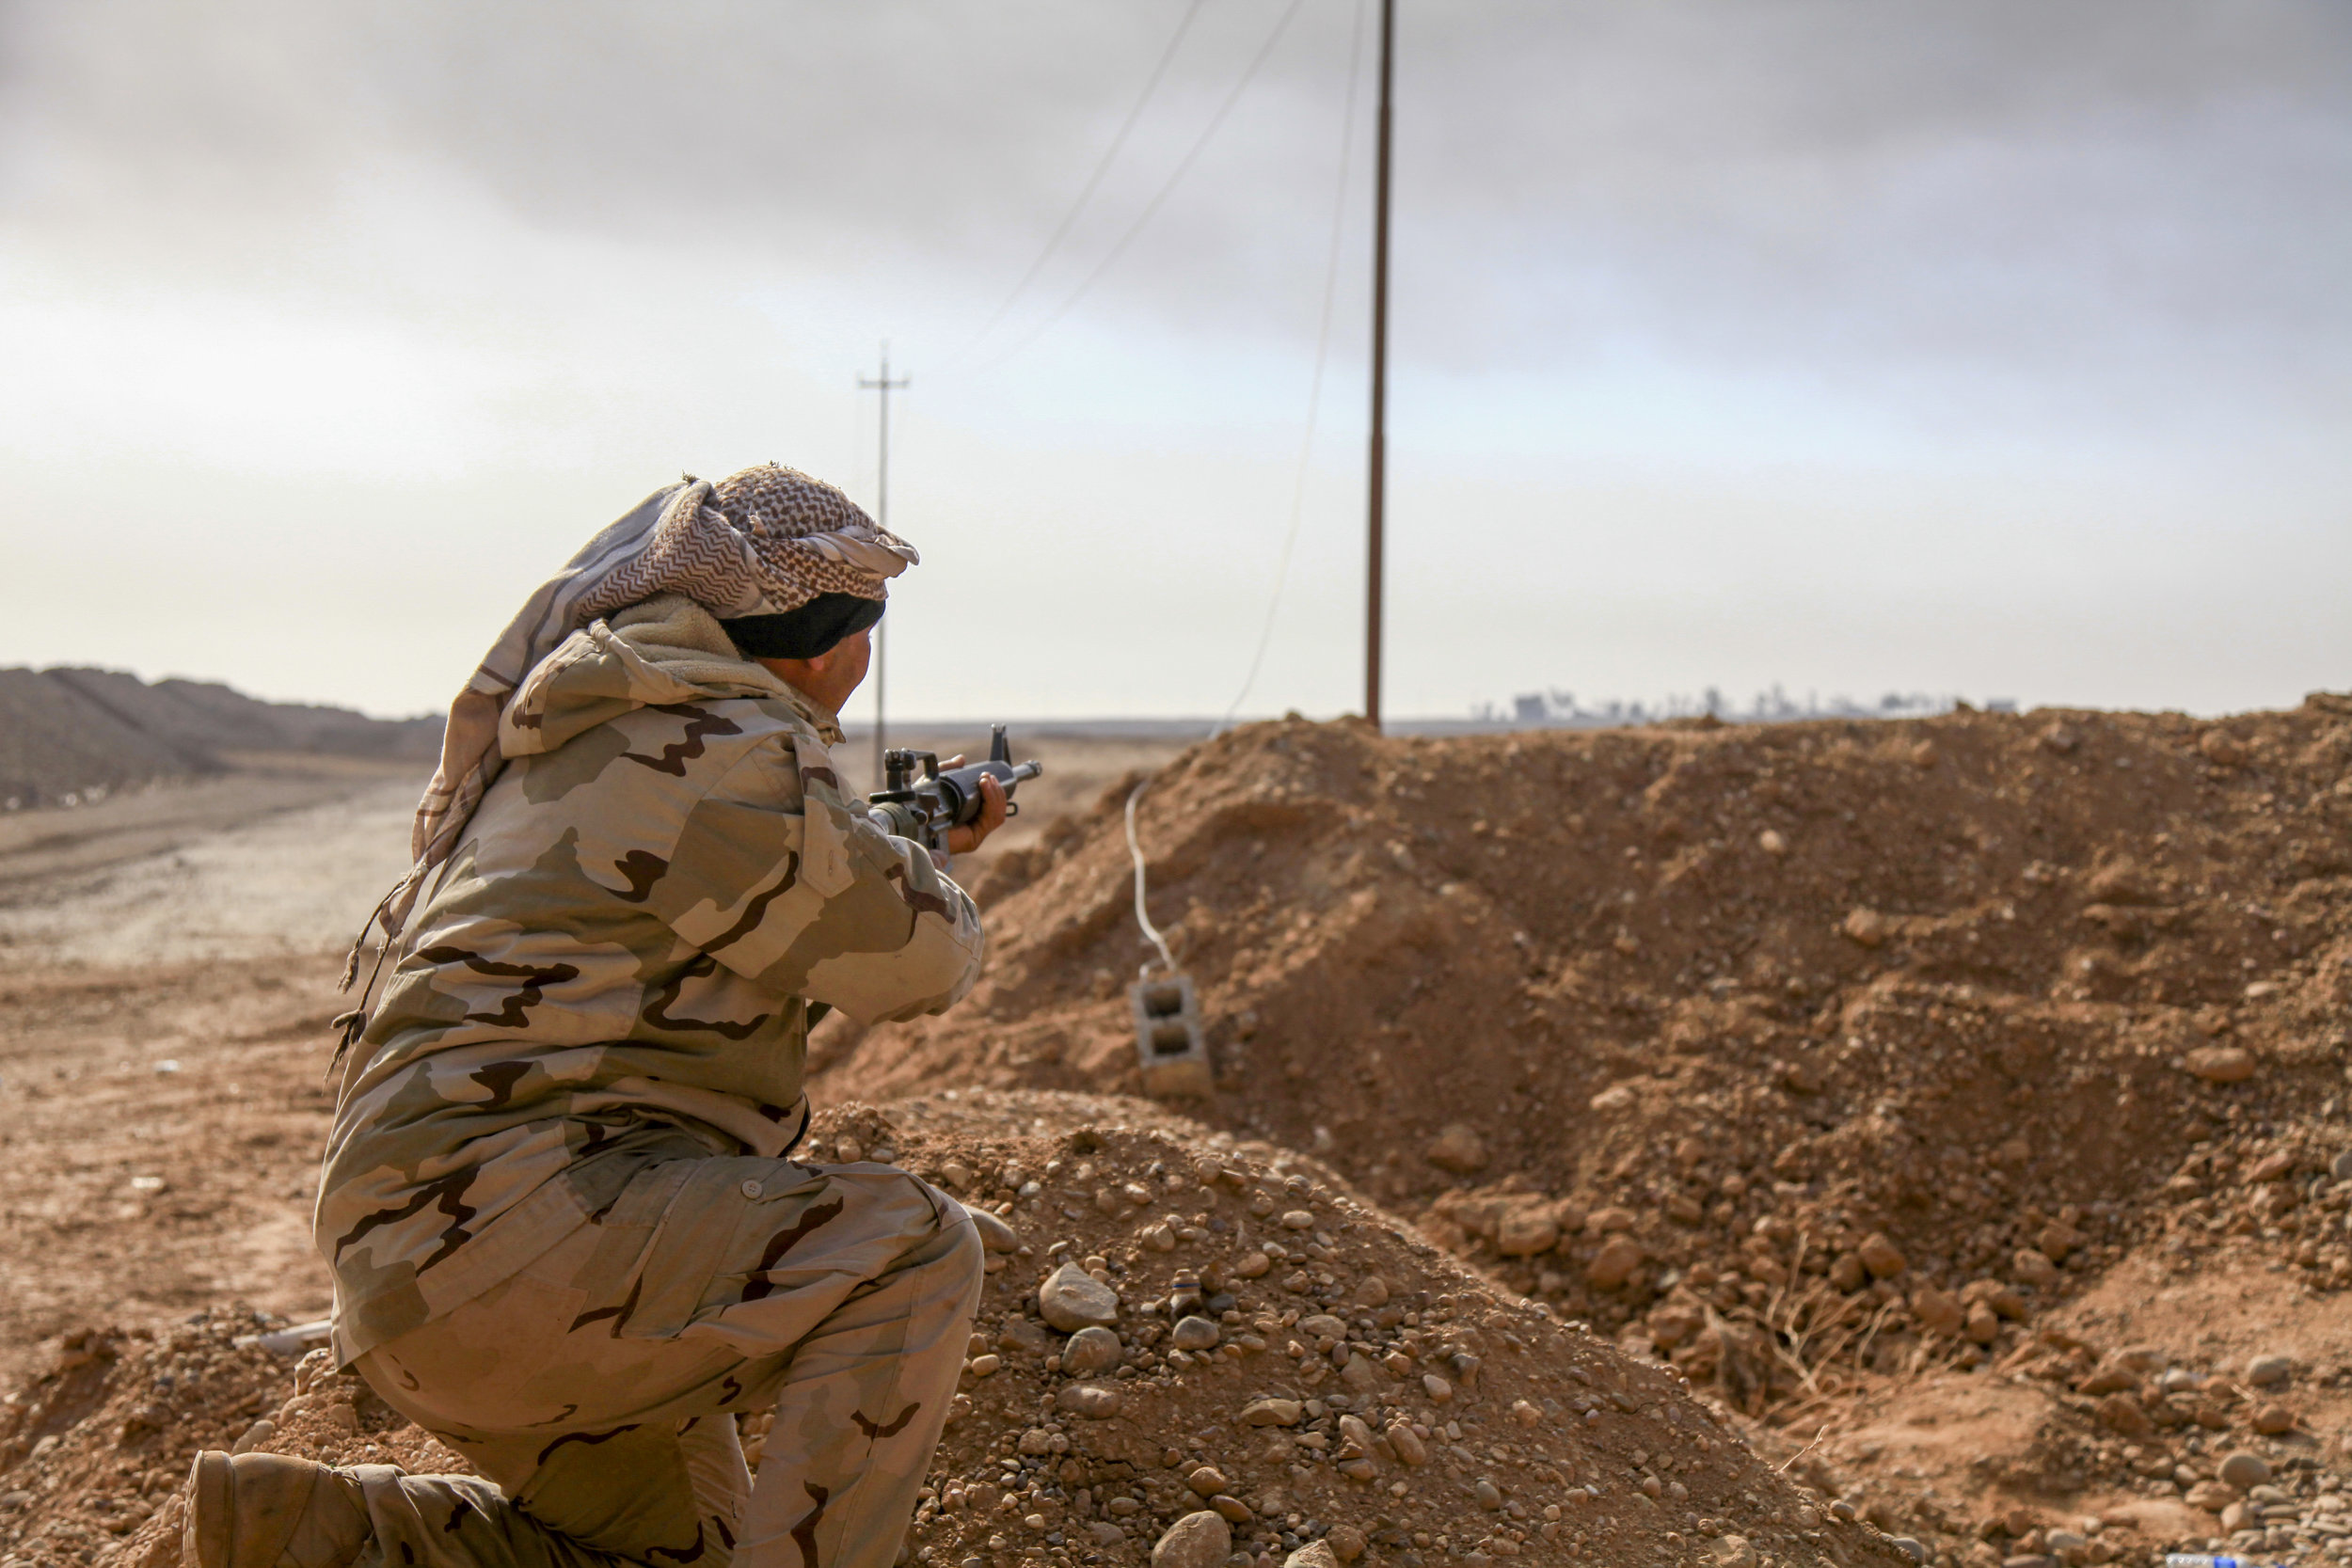 Soldat beim schiessen